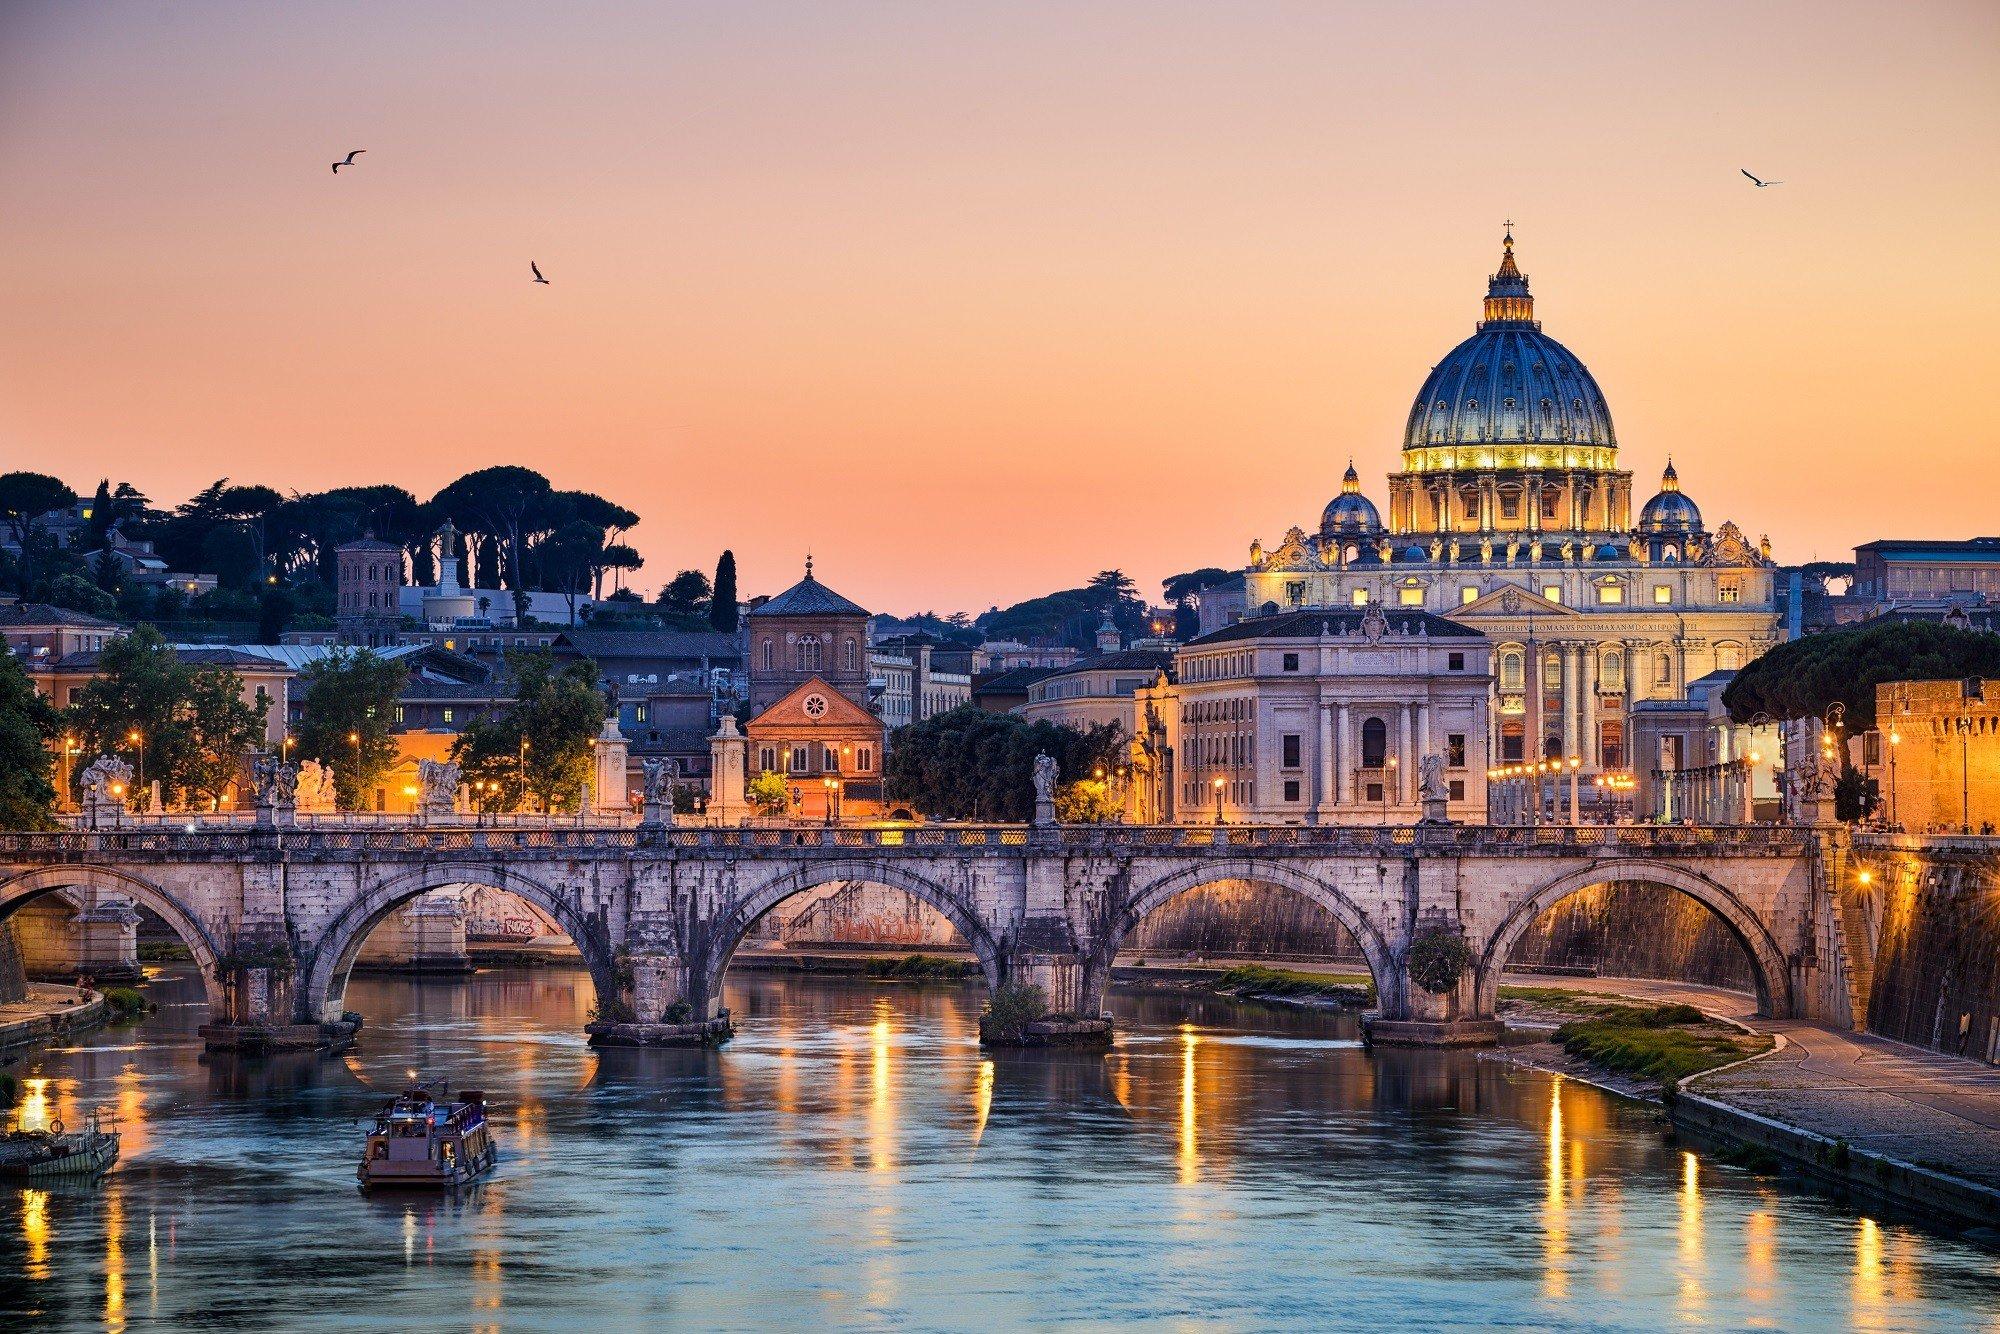 Dagaanbieding - 3- of 4-daagse stedentrip naar Rome incl. verblijf in centraal gelegen hotel dagelijkse koopjes